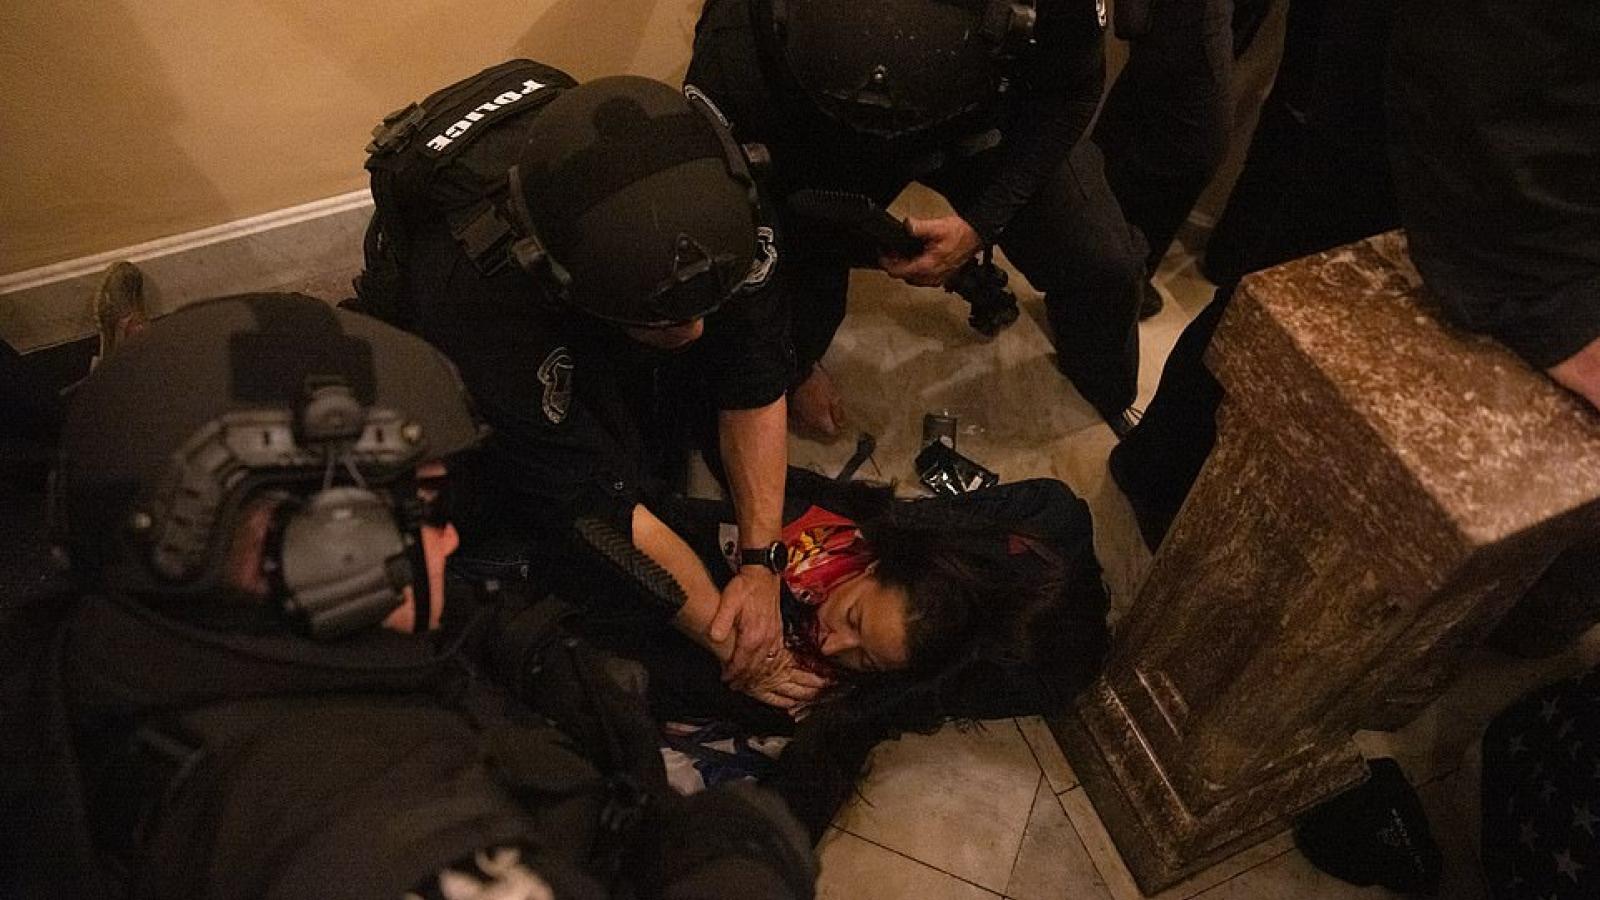 Tiết lộ gây sốc về nạn nhân tử vong trong vụ bạo loạn tại tòa nhà Quốc hội Mỹ